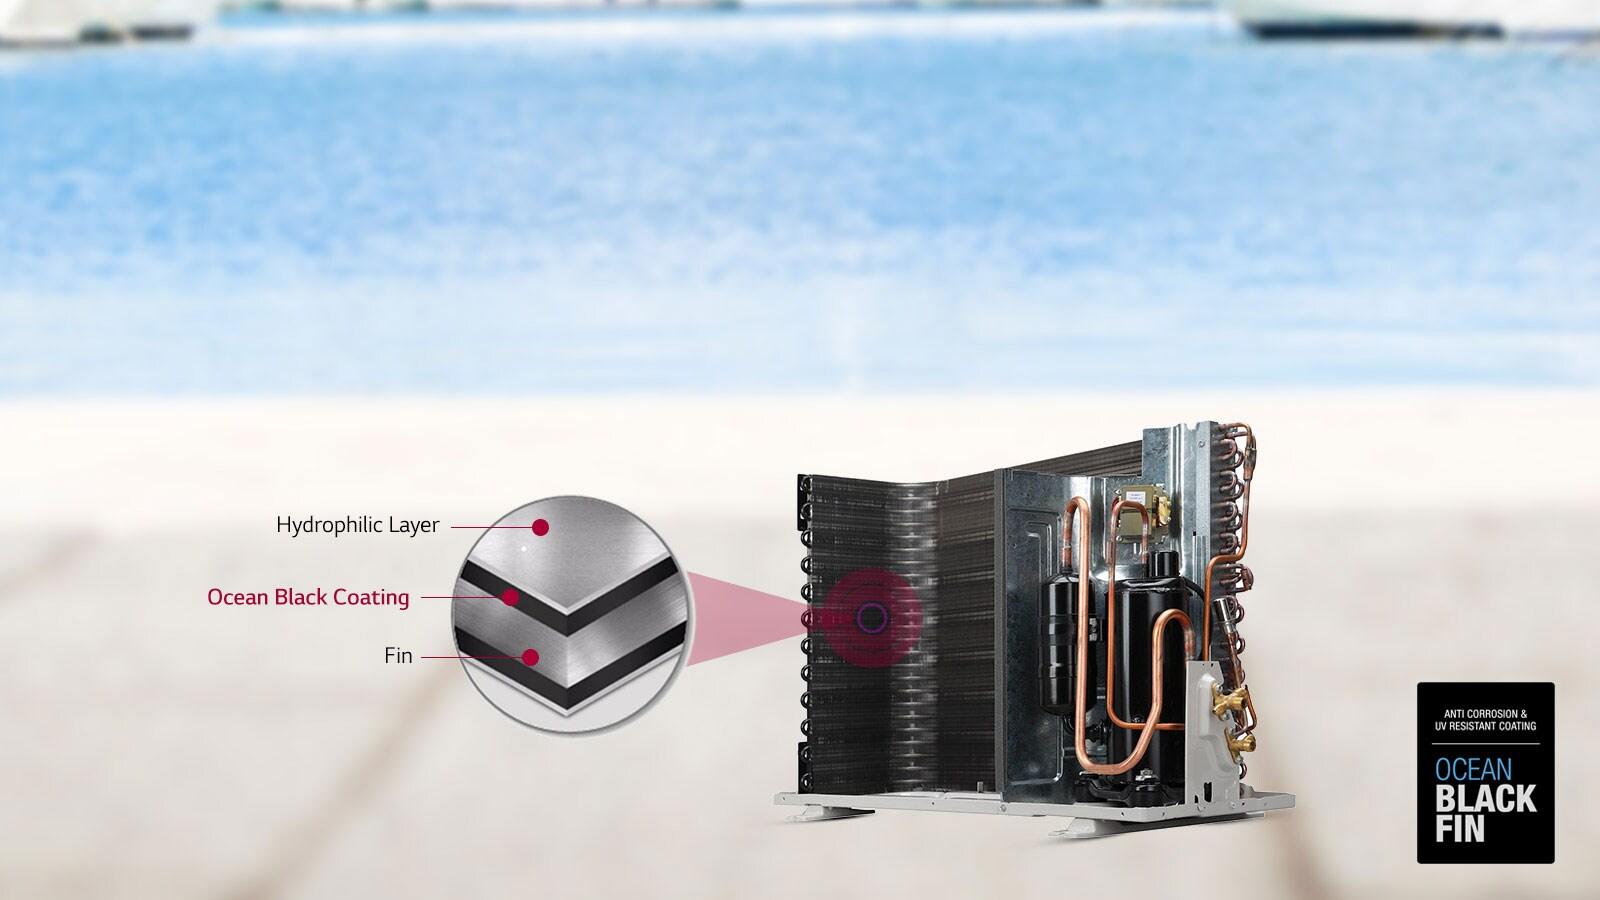 LG LS-Q12HNYA Ocean Black Fin